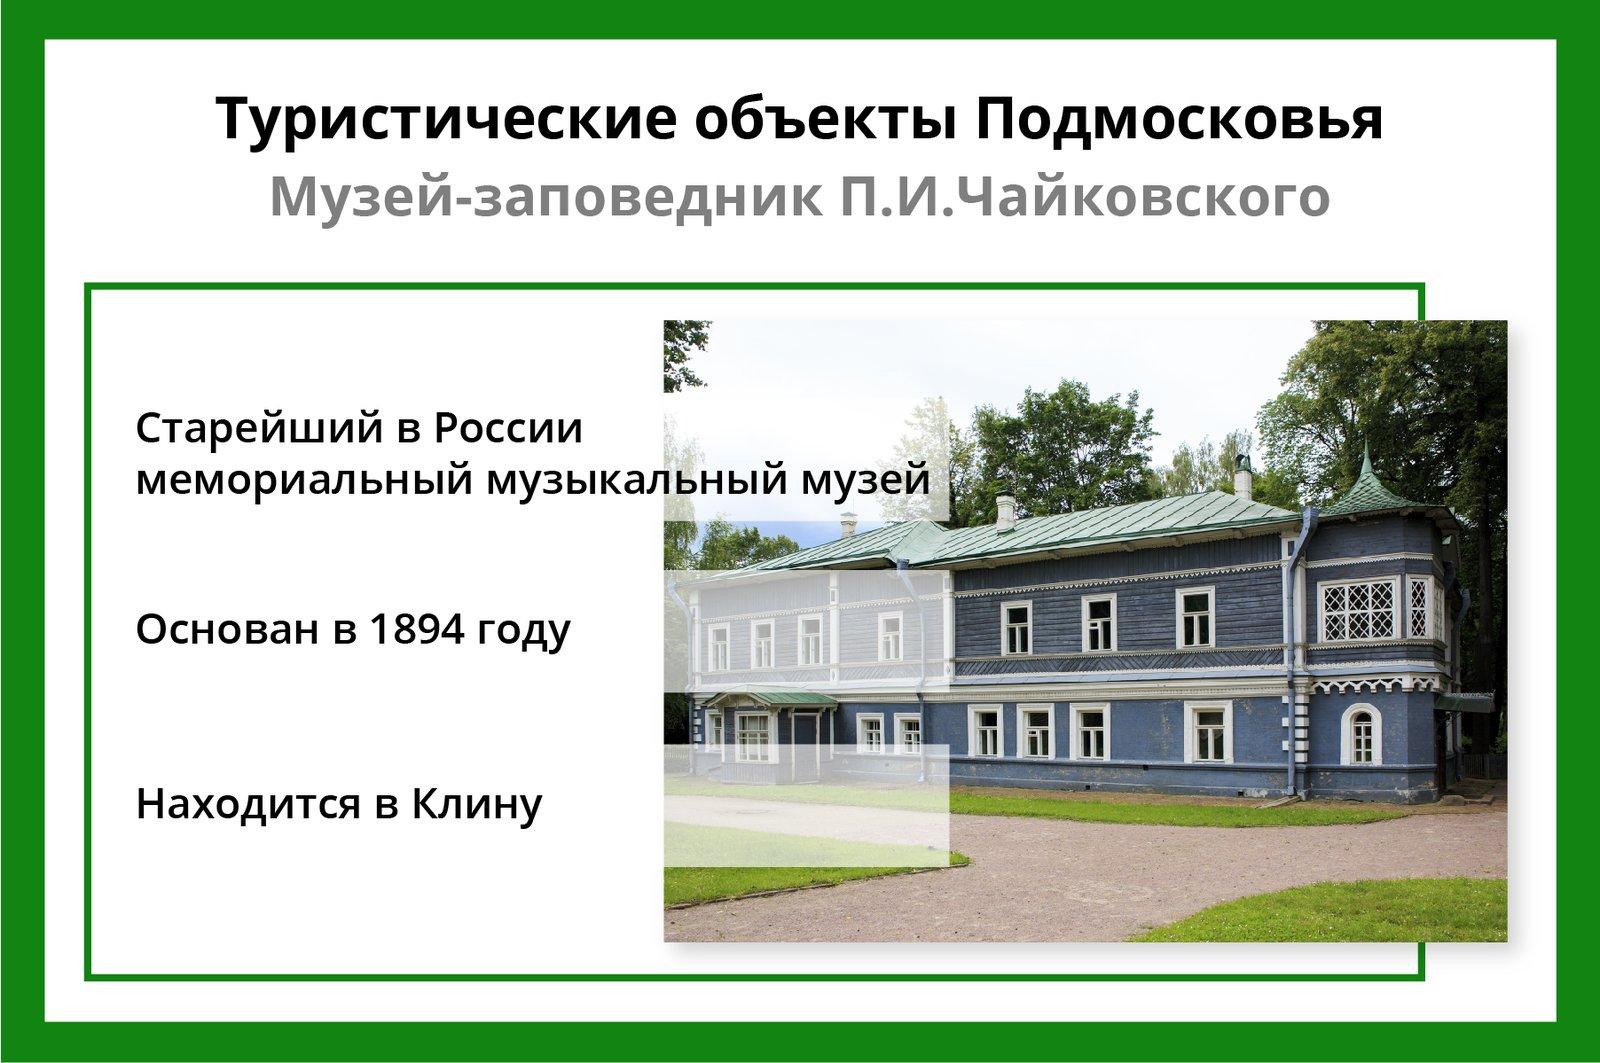 Андрей Воробьев губернатор московской области - «Лето вПодмосковье»: что мы подготовили для жителей и гостей области